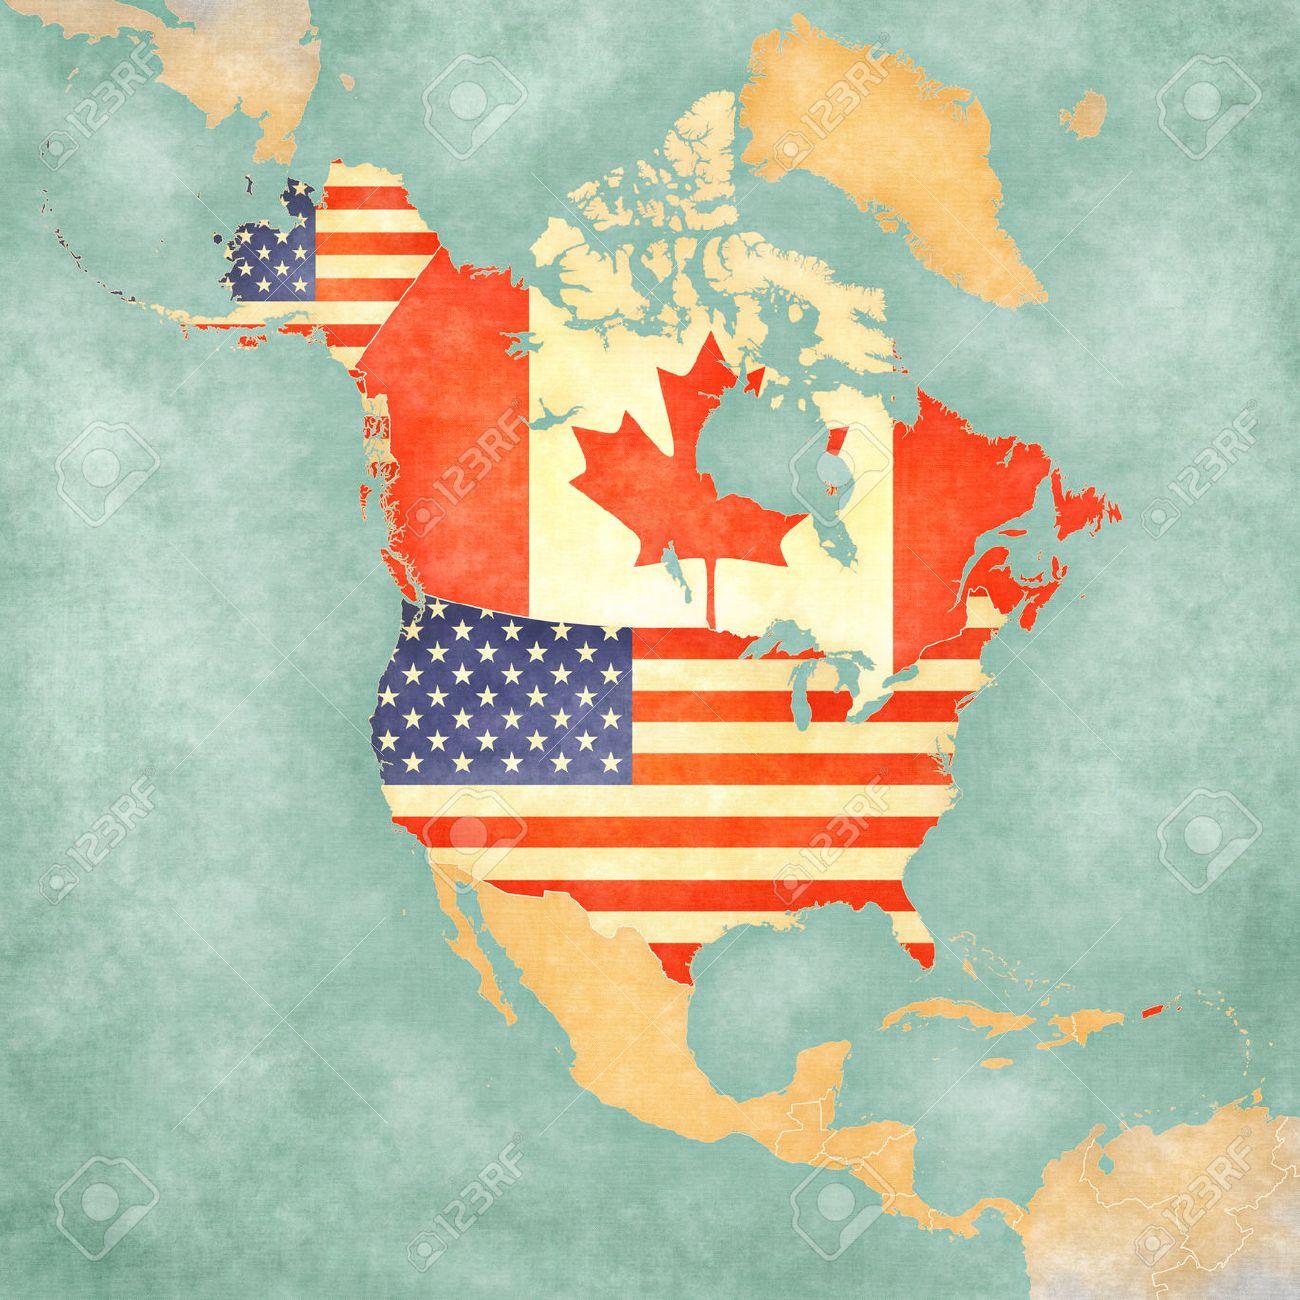 Carte Canada Uni.Etats Unis Et Le Canada Sur La Carte Muette De L Amerique Du Nord